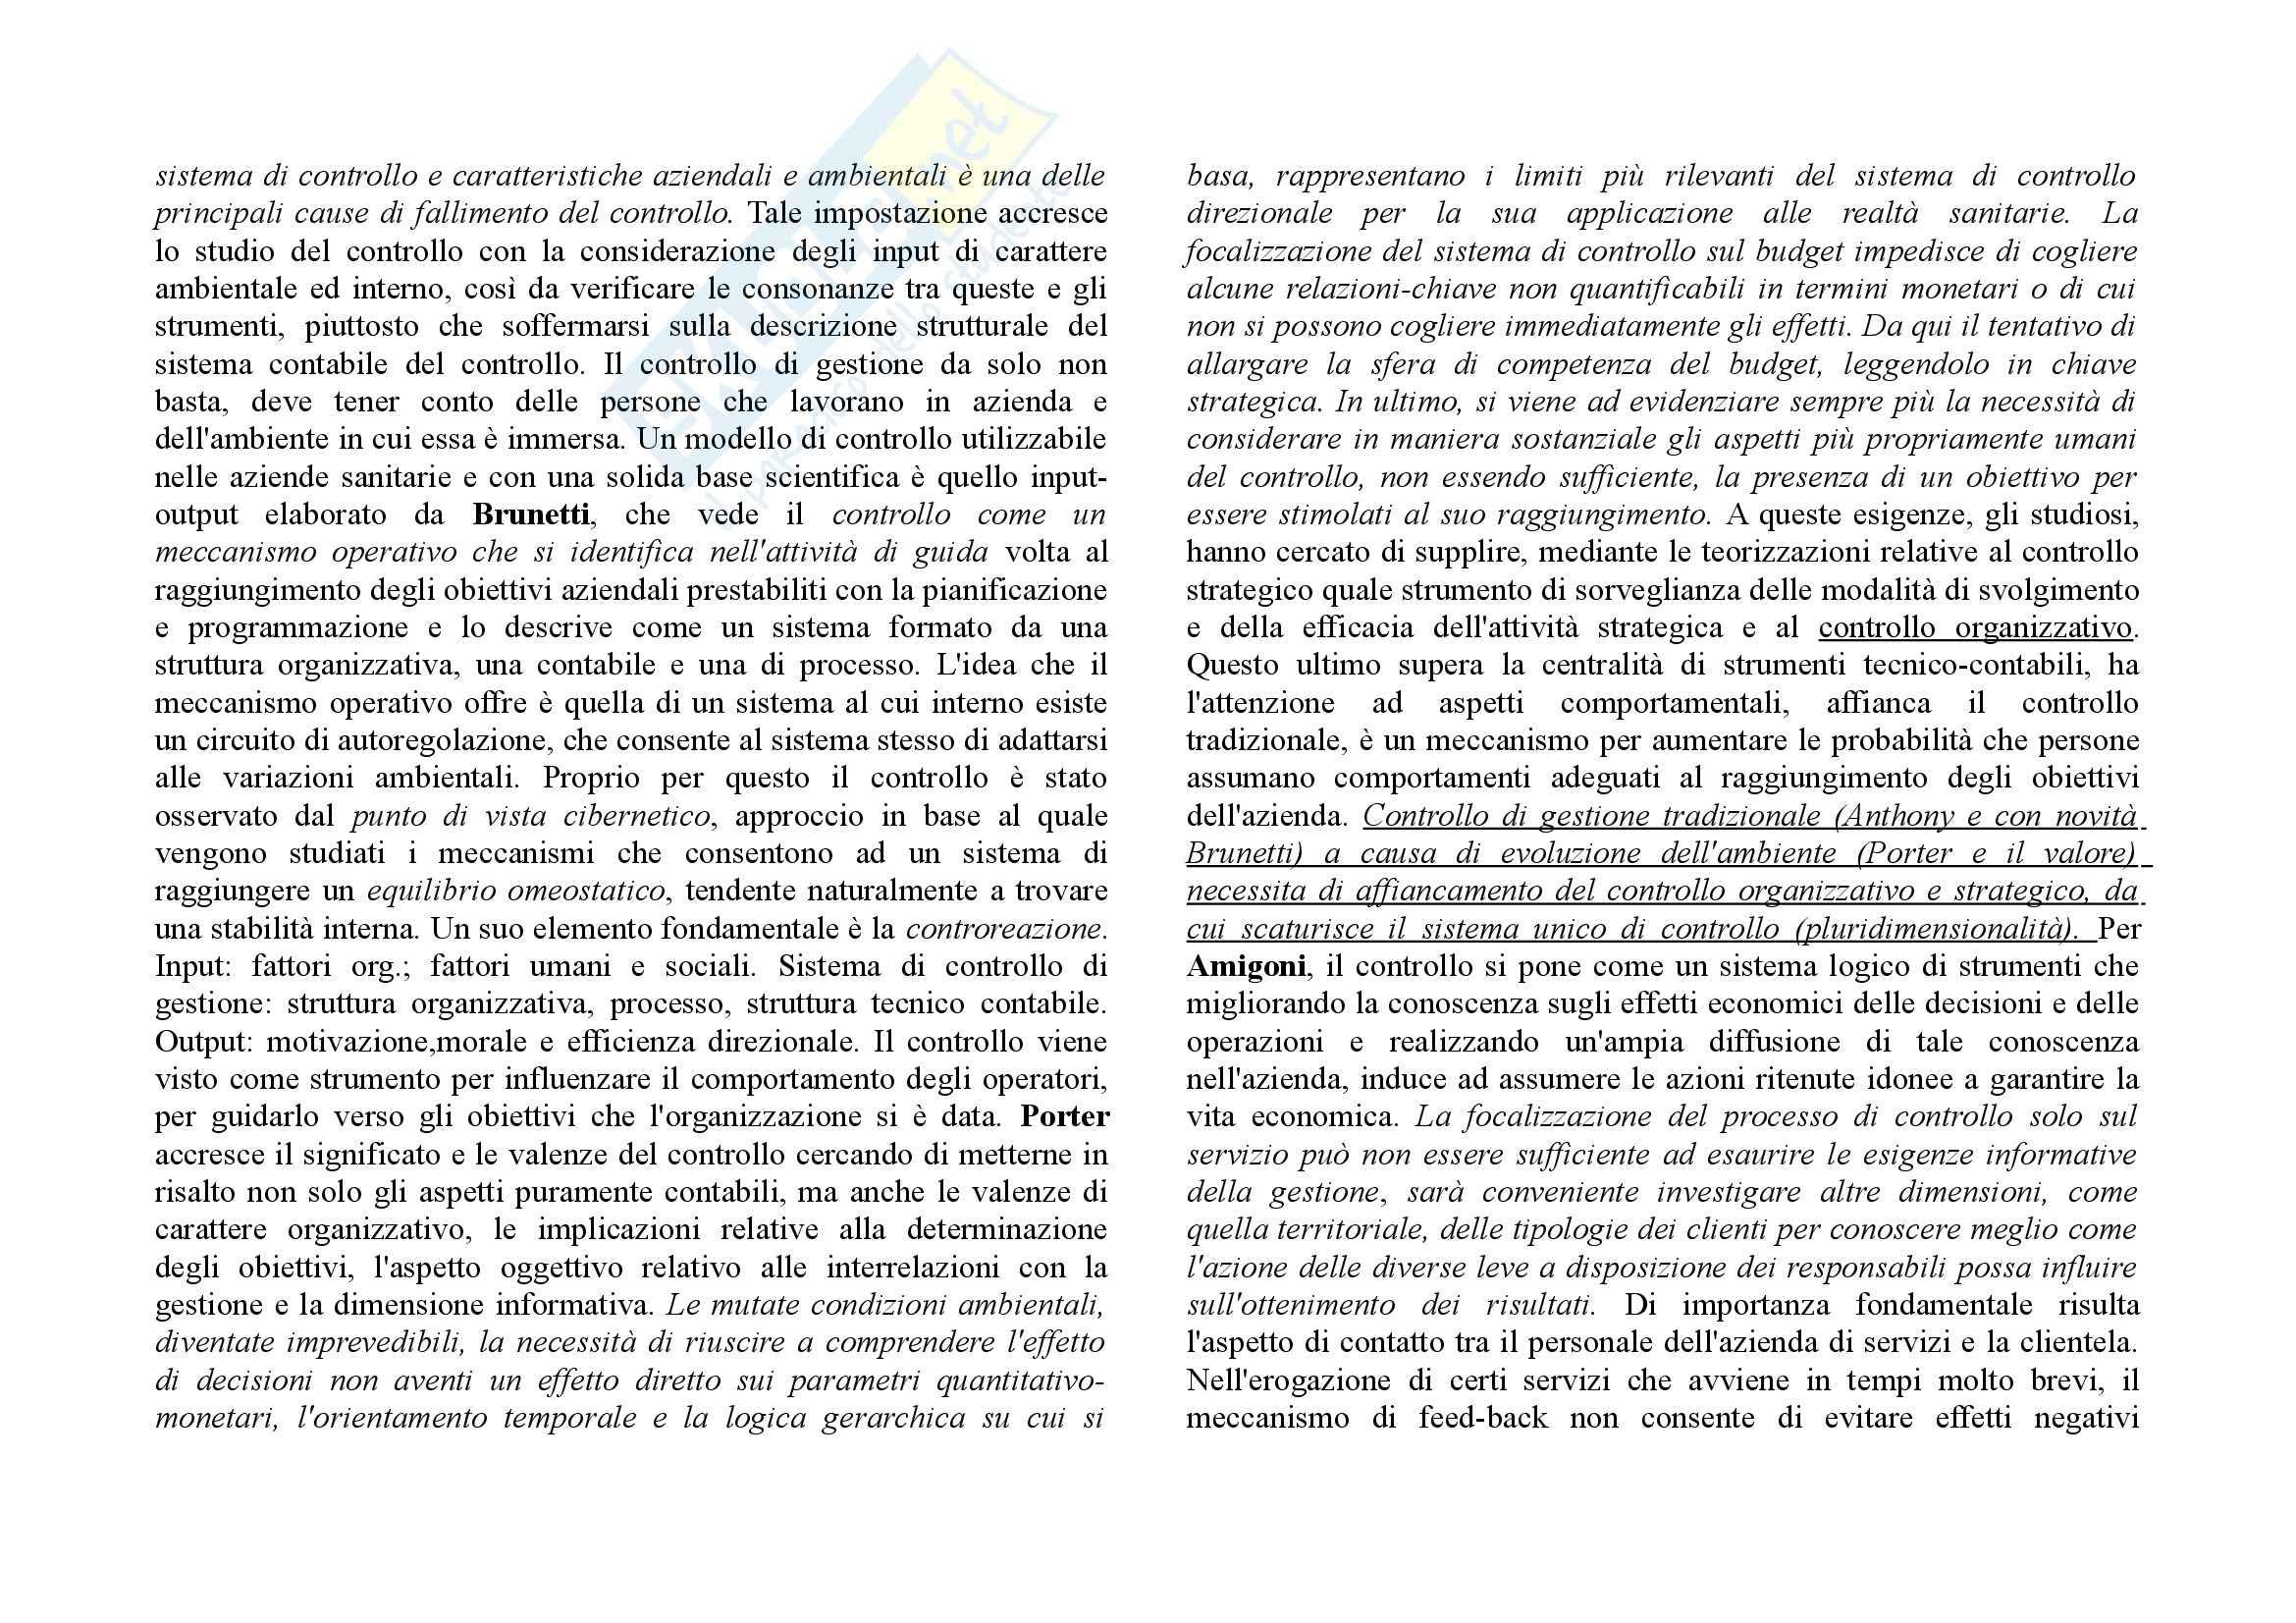 Economia delle aziende sanitarie - i presupposti per il controllo Pag. 2